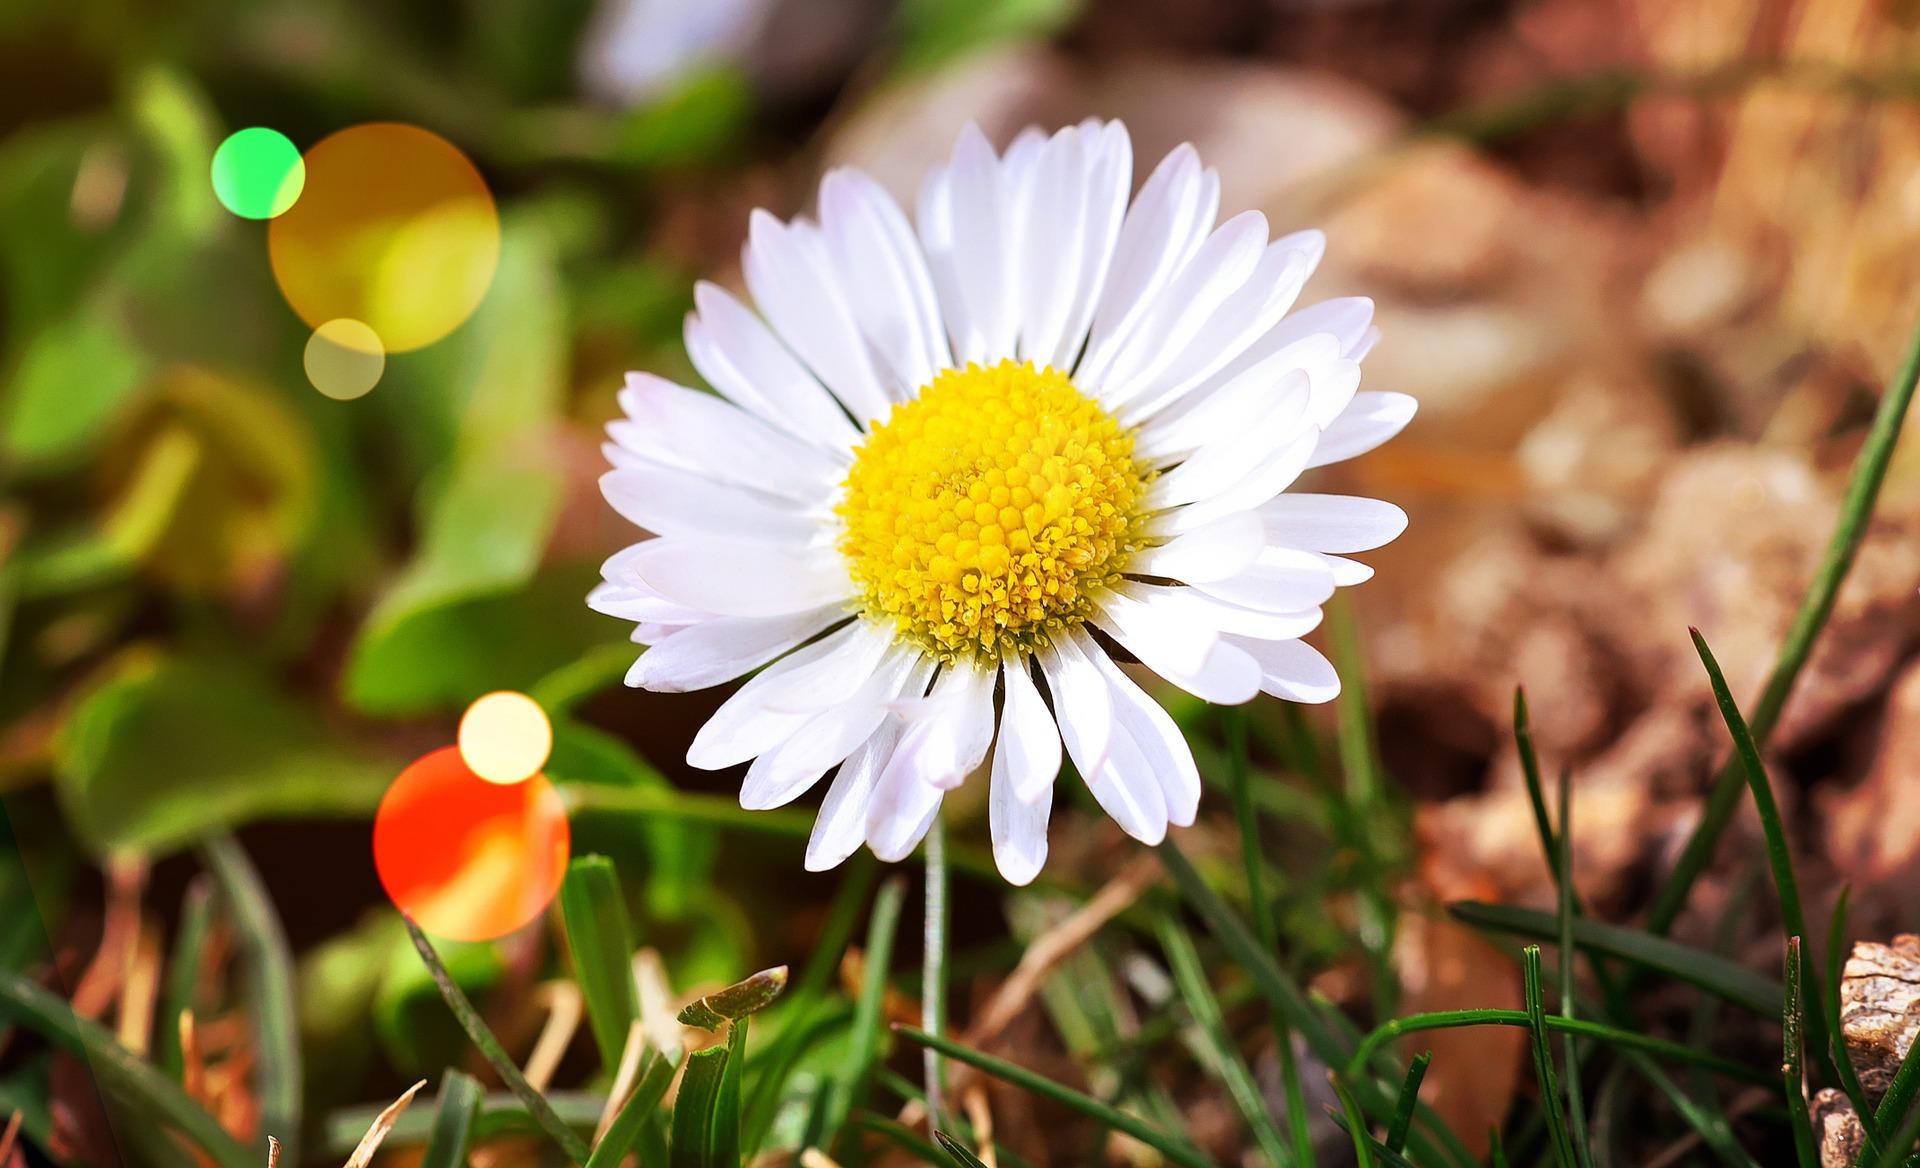 flower-696612_1920.jpg